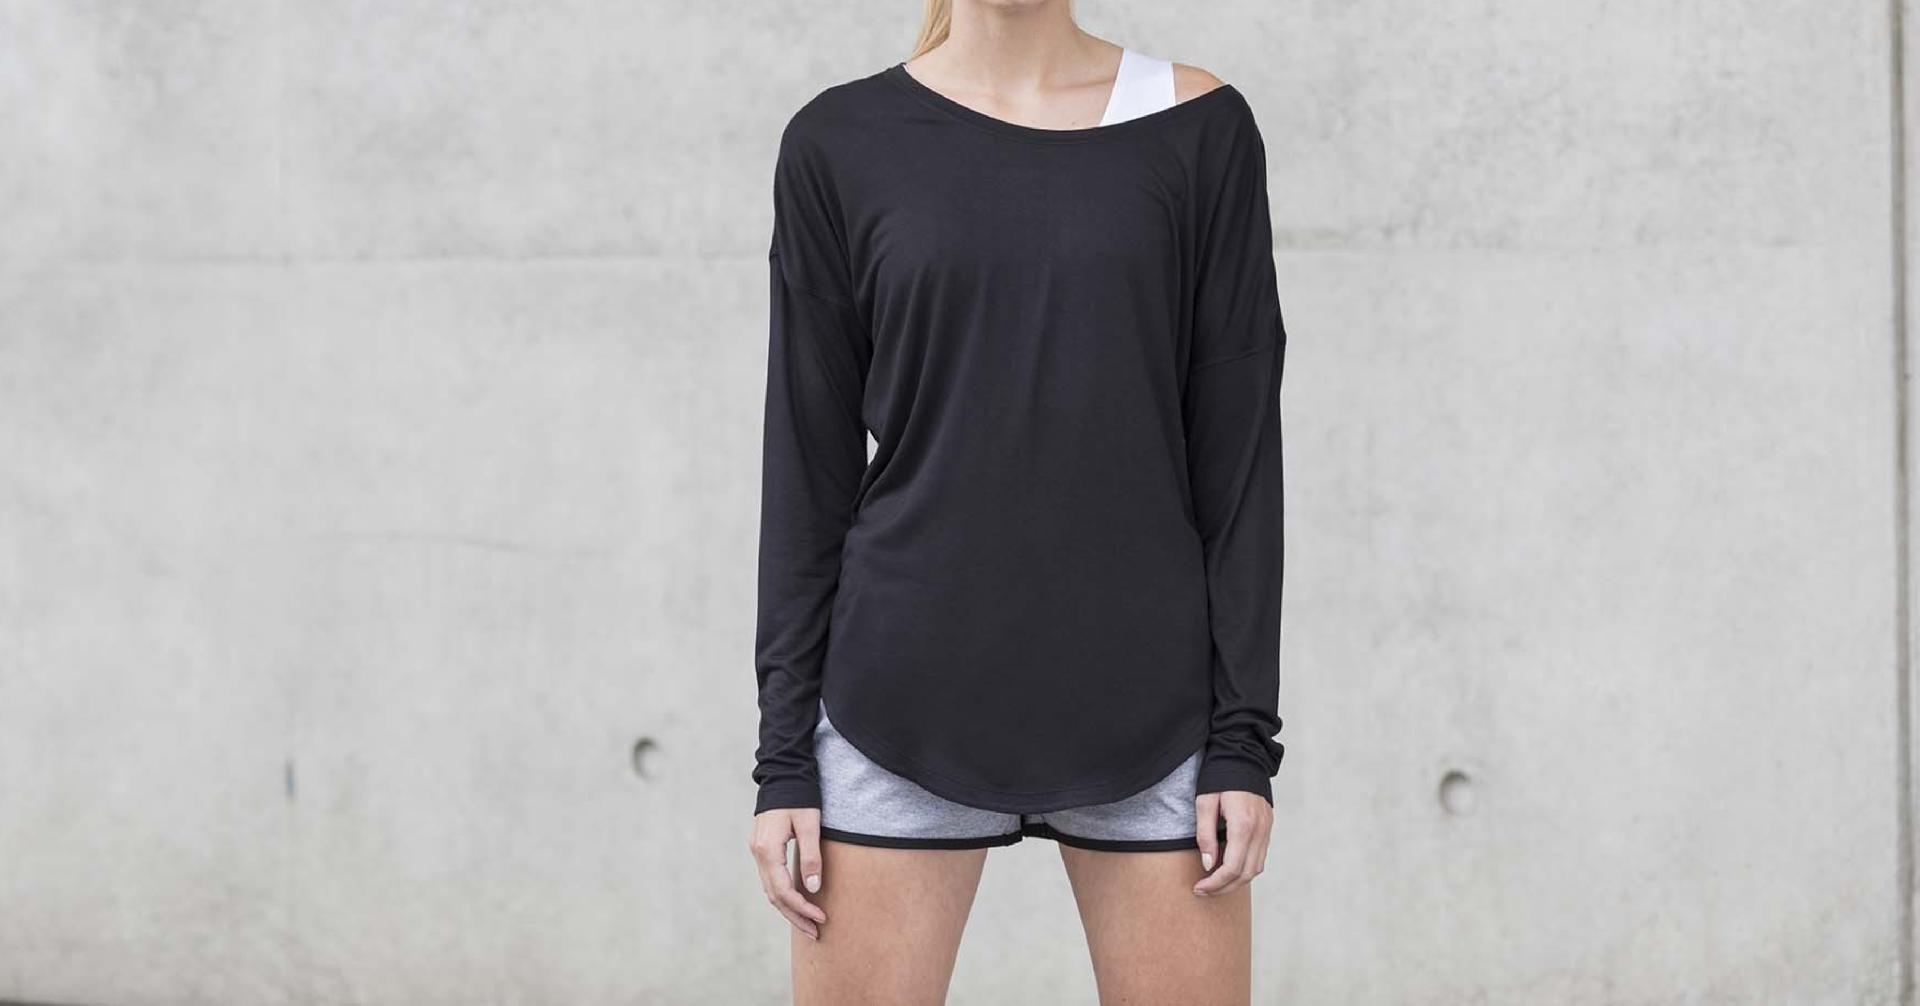 T-shirt de senhora de manga comprida